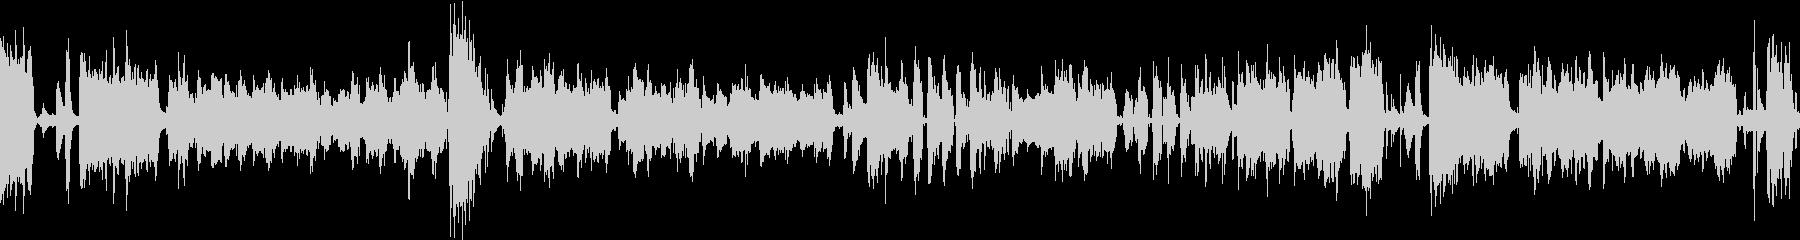 ほのぼの明るいオルガンピアノトリオジャズの未再生の波形